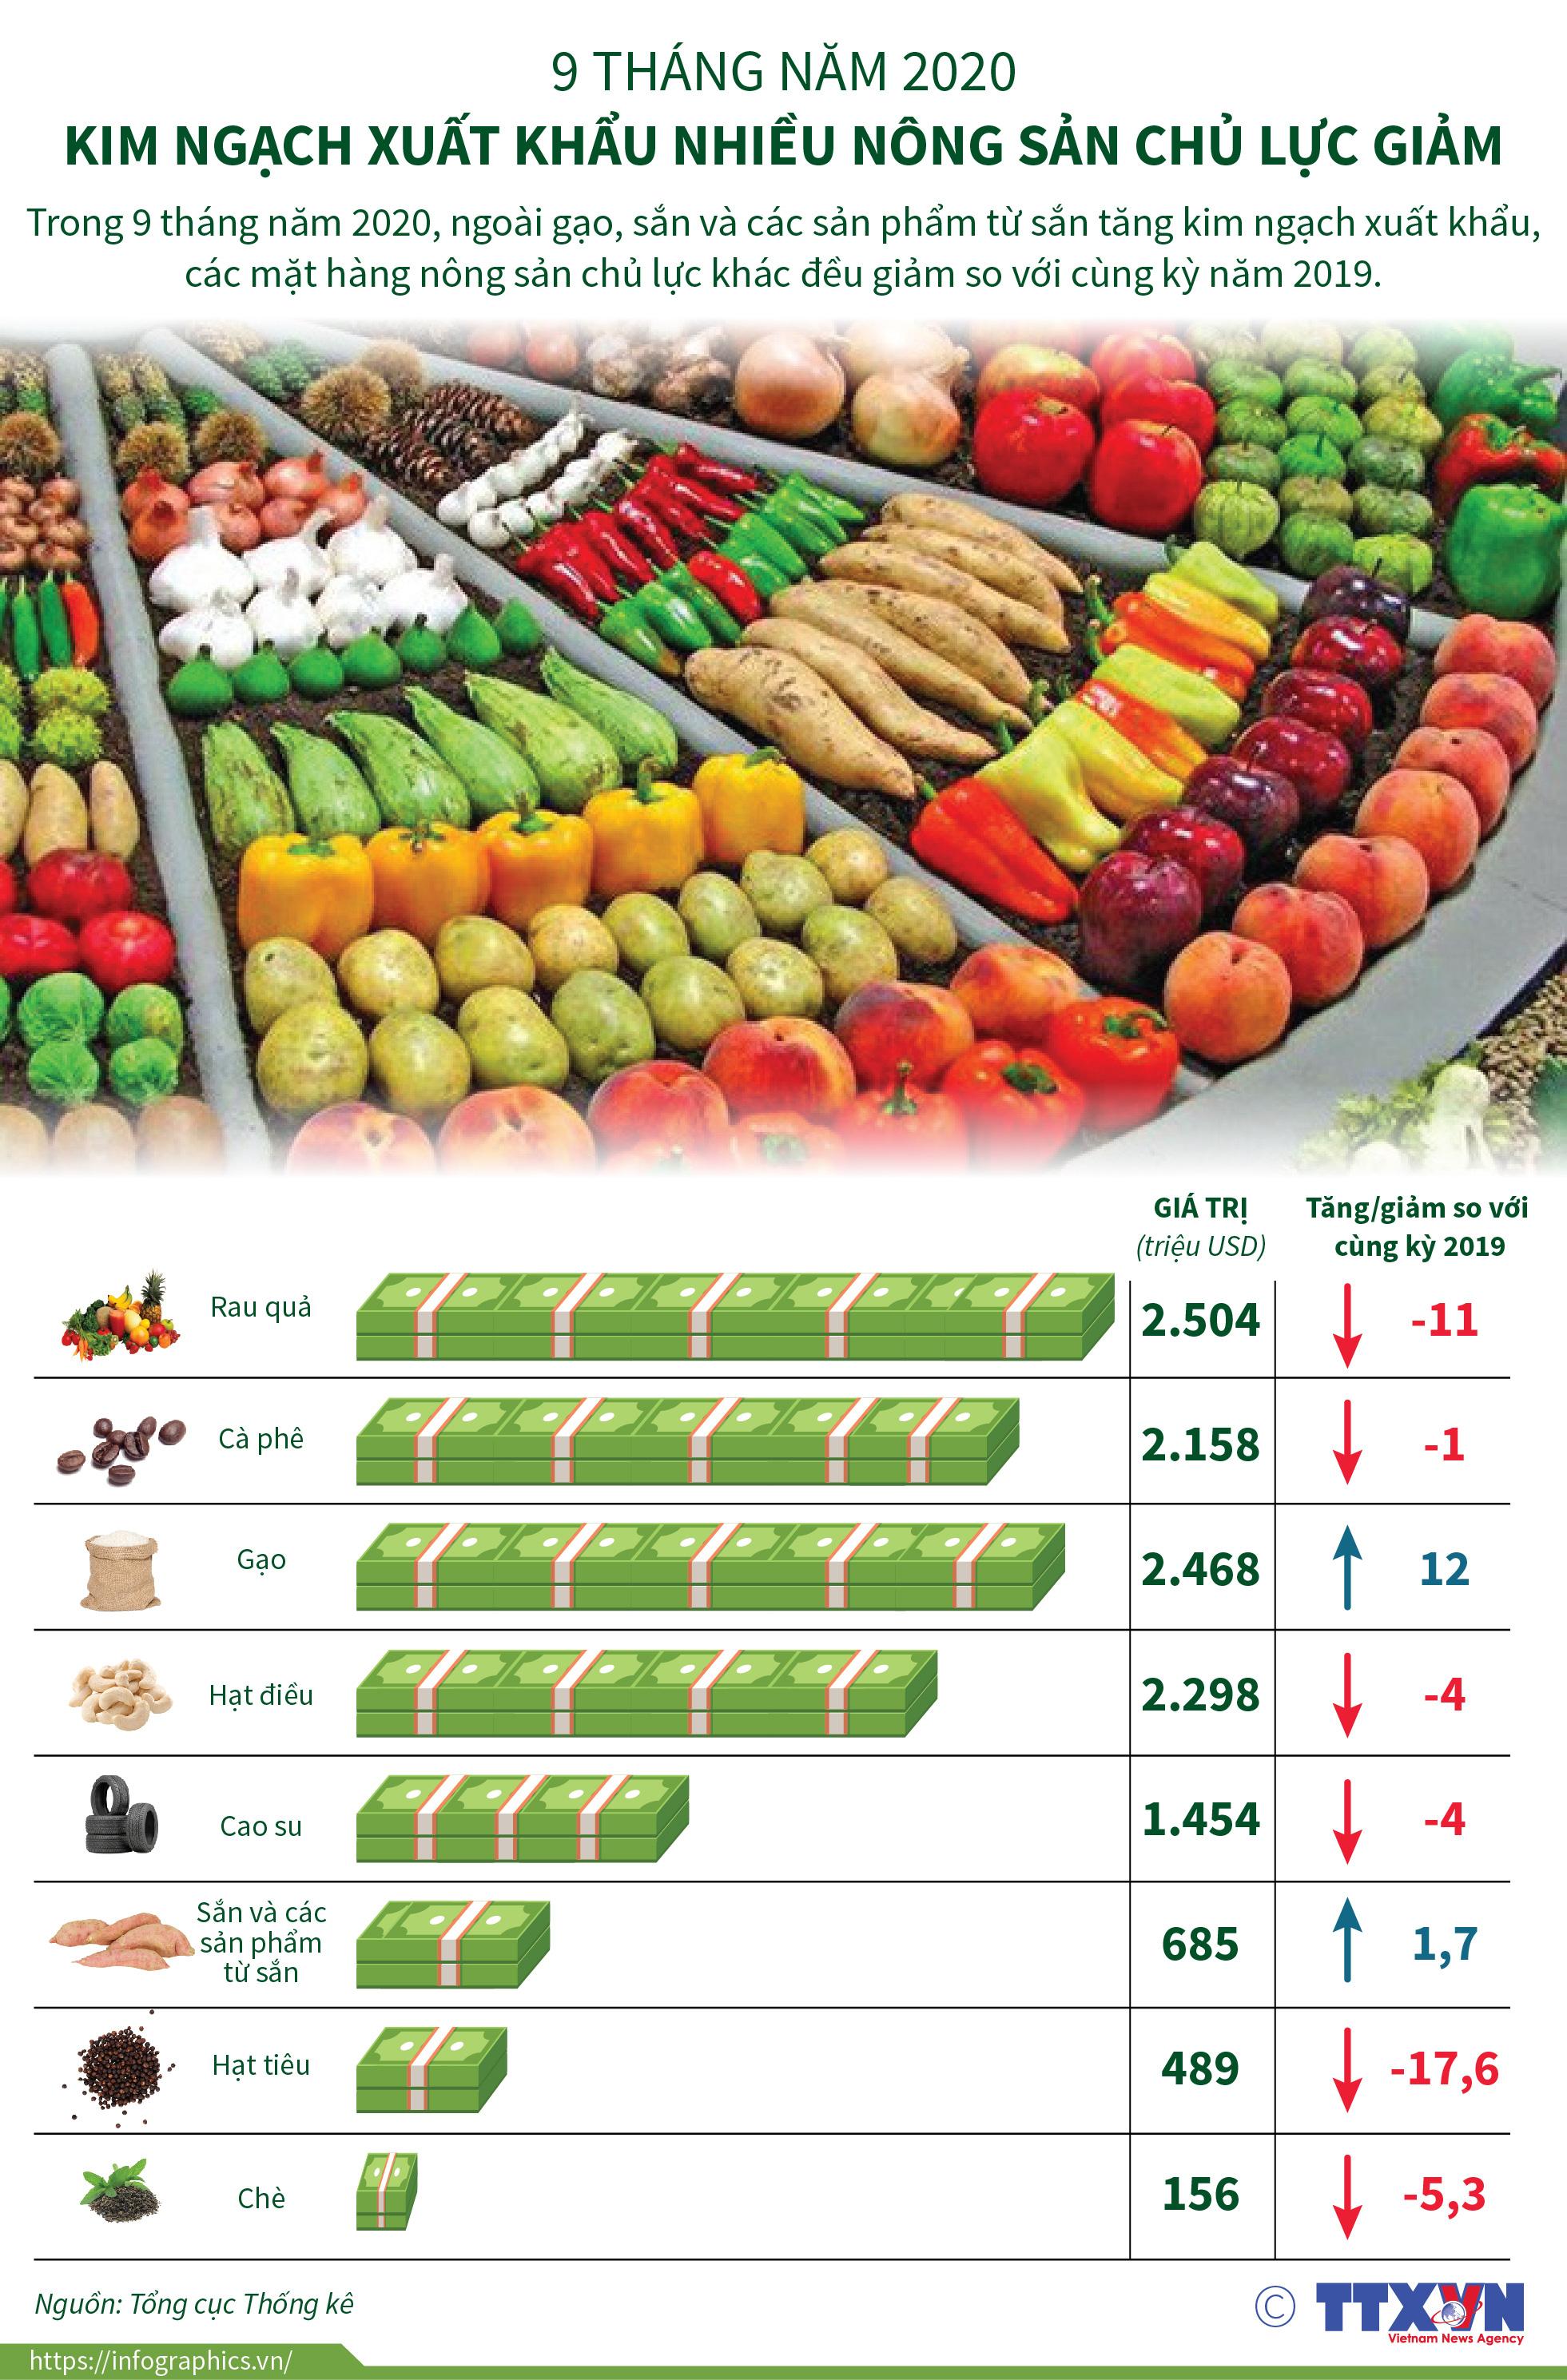 Kim ngạch xuất khẩu nông sản chủ lực giảm trong 9 tháng năm 2020 - Ảnh 1.